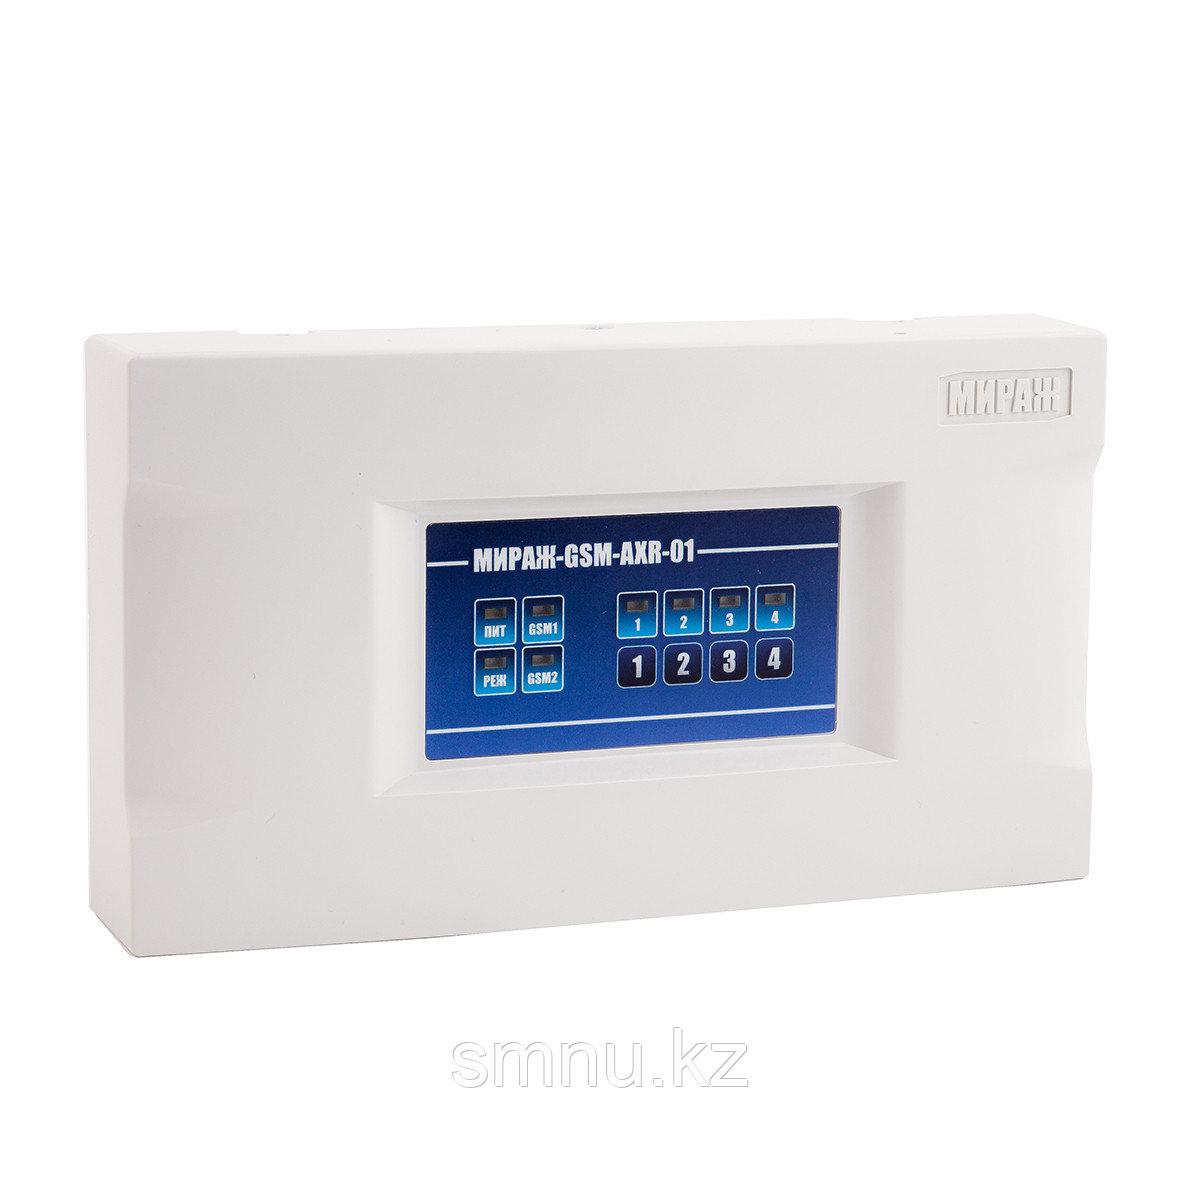 Мираж-GSM-AXR-01 - GSM Контроллер в комплекте с радиоизвещателями